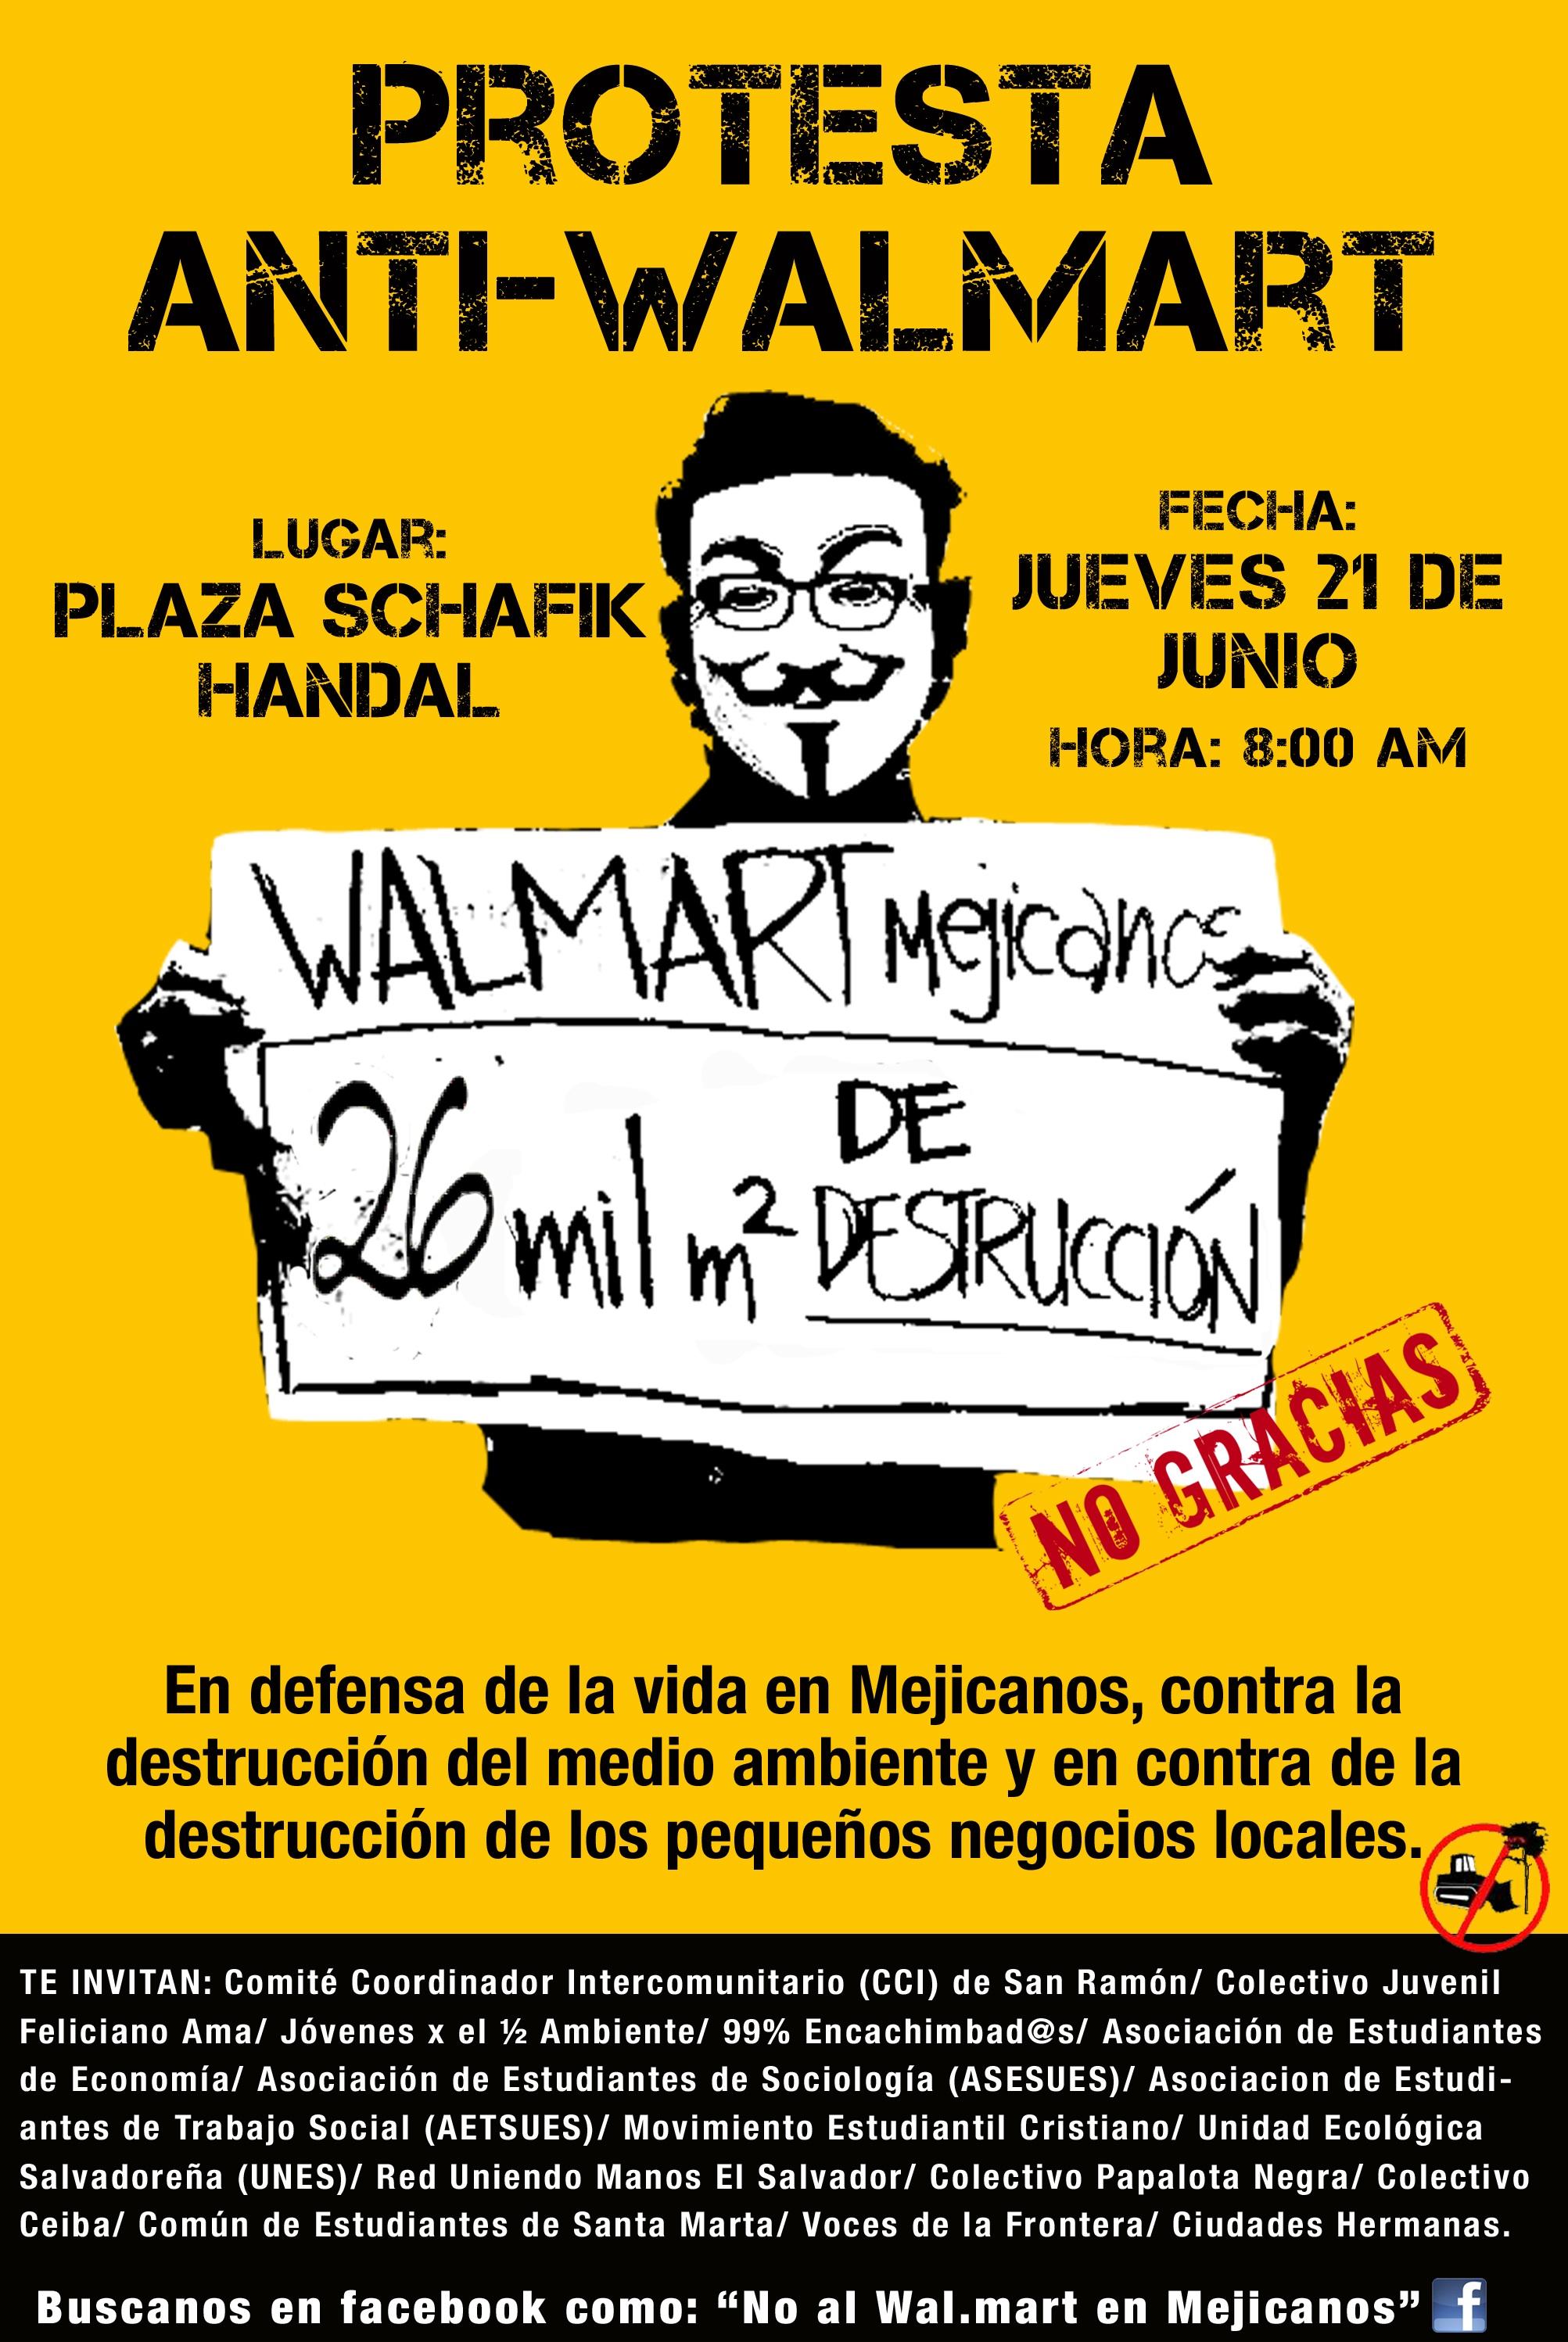 Protest Against Walmart in Mejicanos, El Salvador Next Thursday